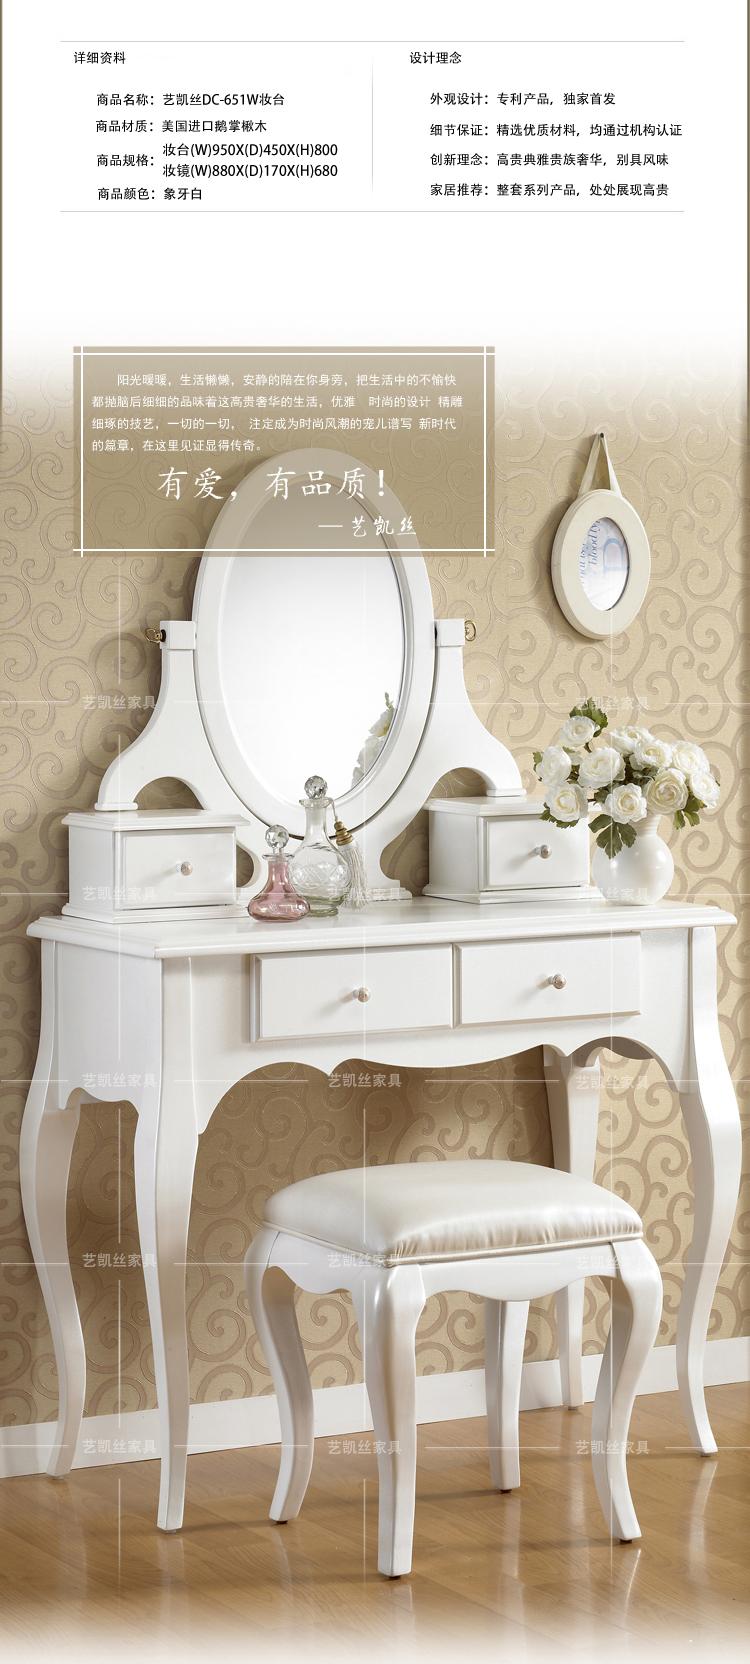 桌椅凳类 梳妆台 艺凯丝 艺凯丝品质家具 纯实木欧式田园温馨梳妆台